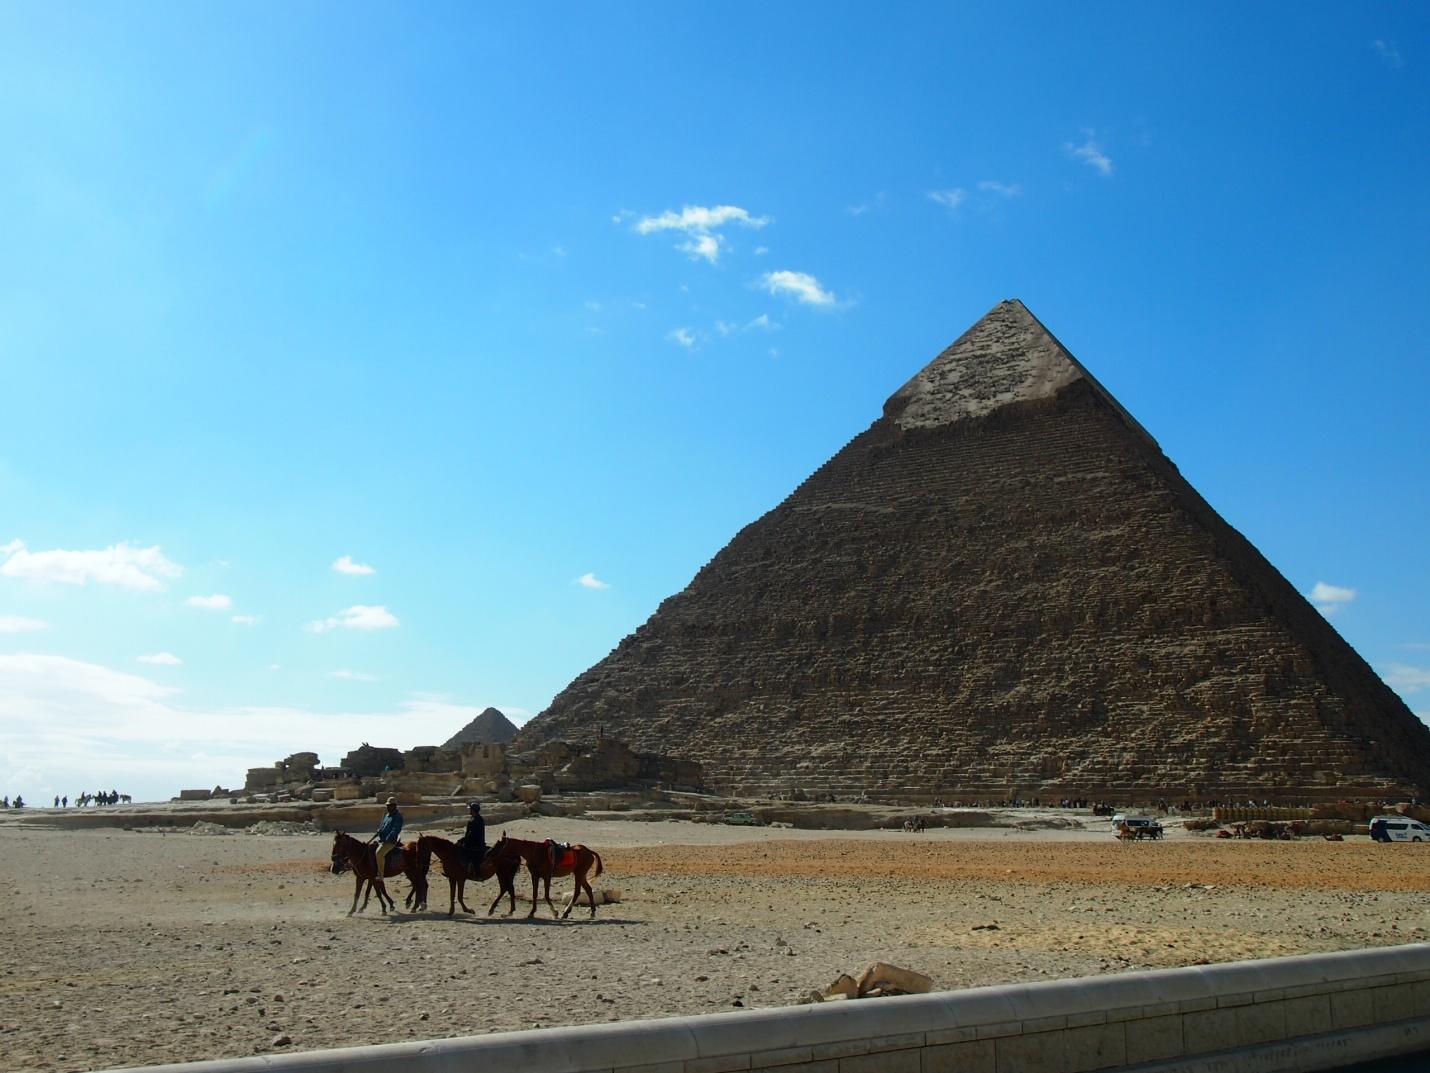 エジプトのピラミッドエリアのお勧め撮影ポイント3選